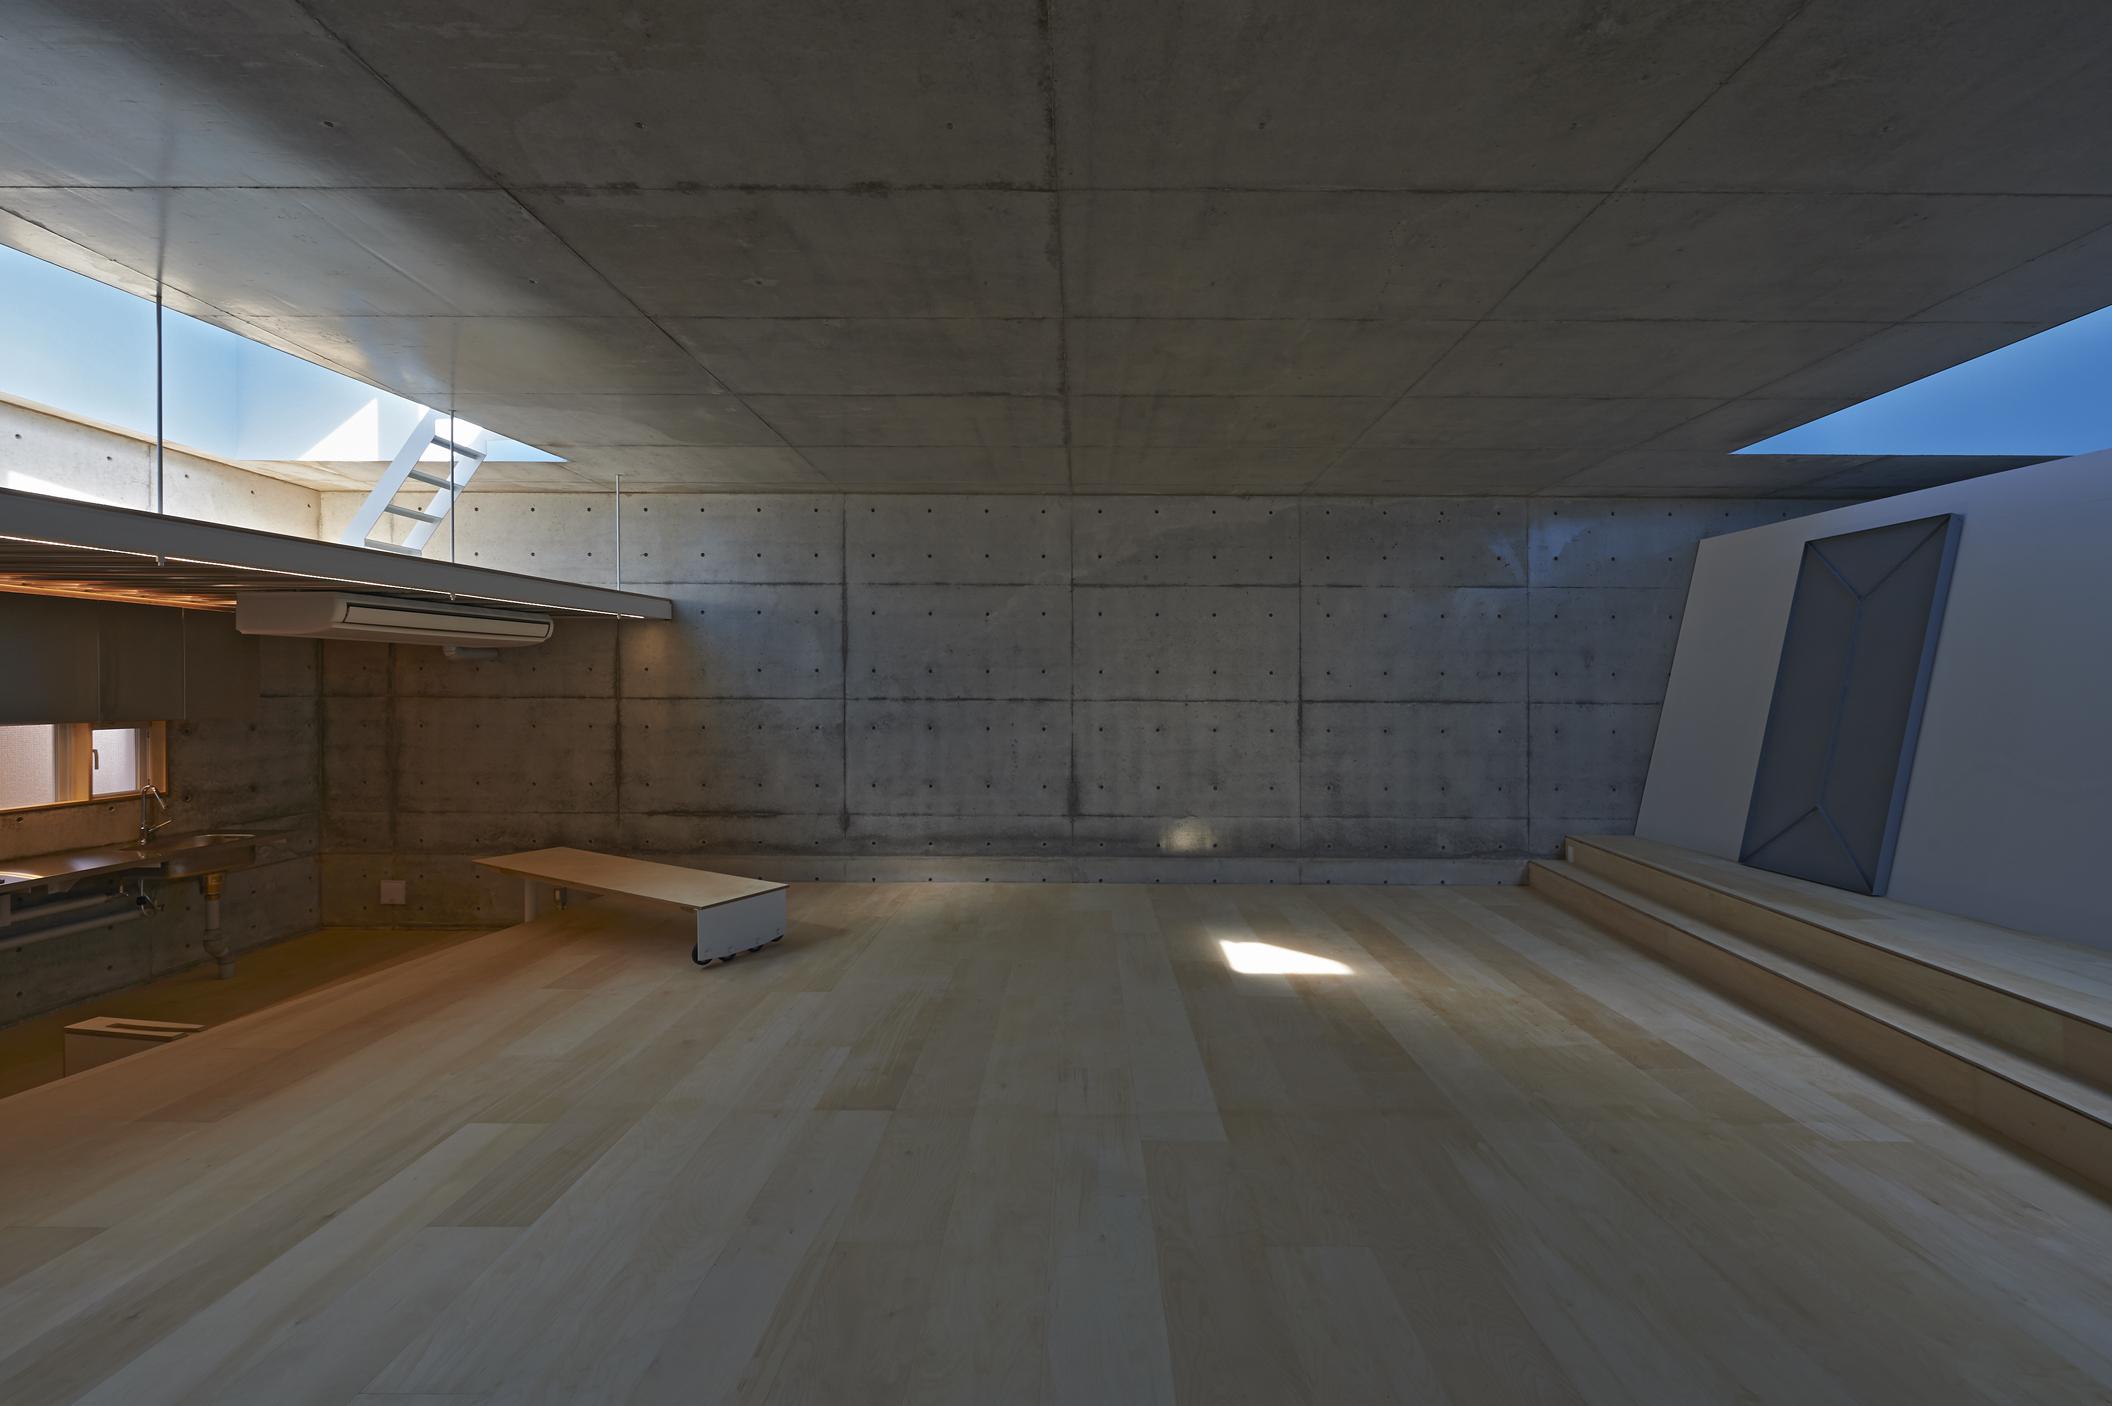 地上に浮いた地下の家|stageworks|久保和樹